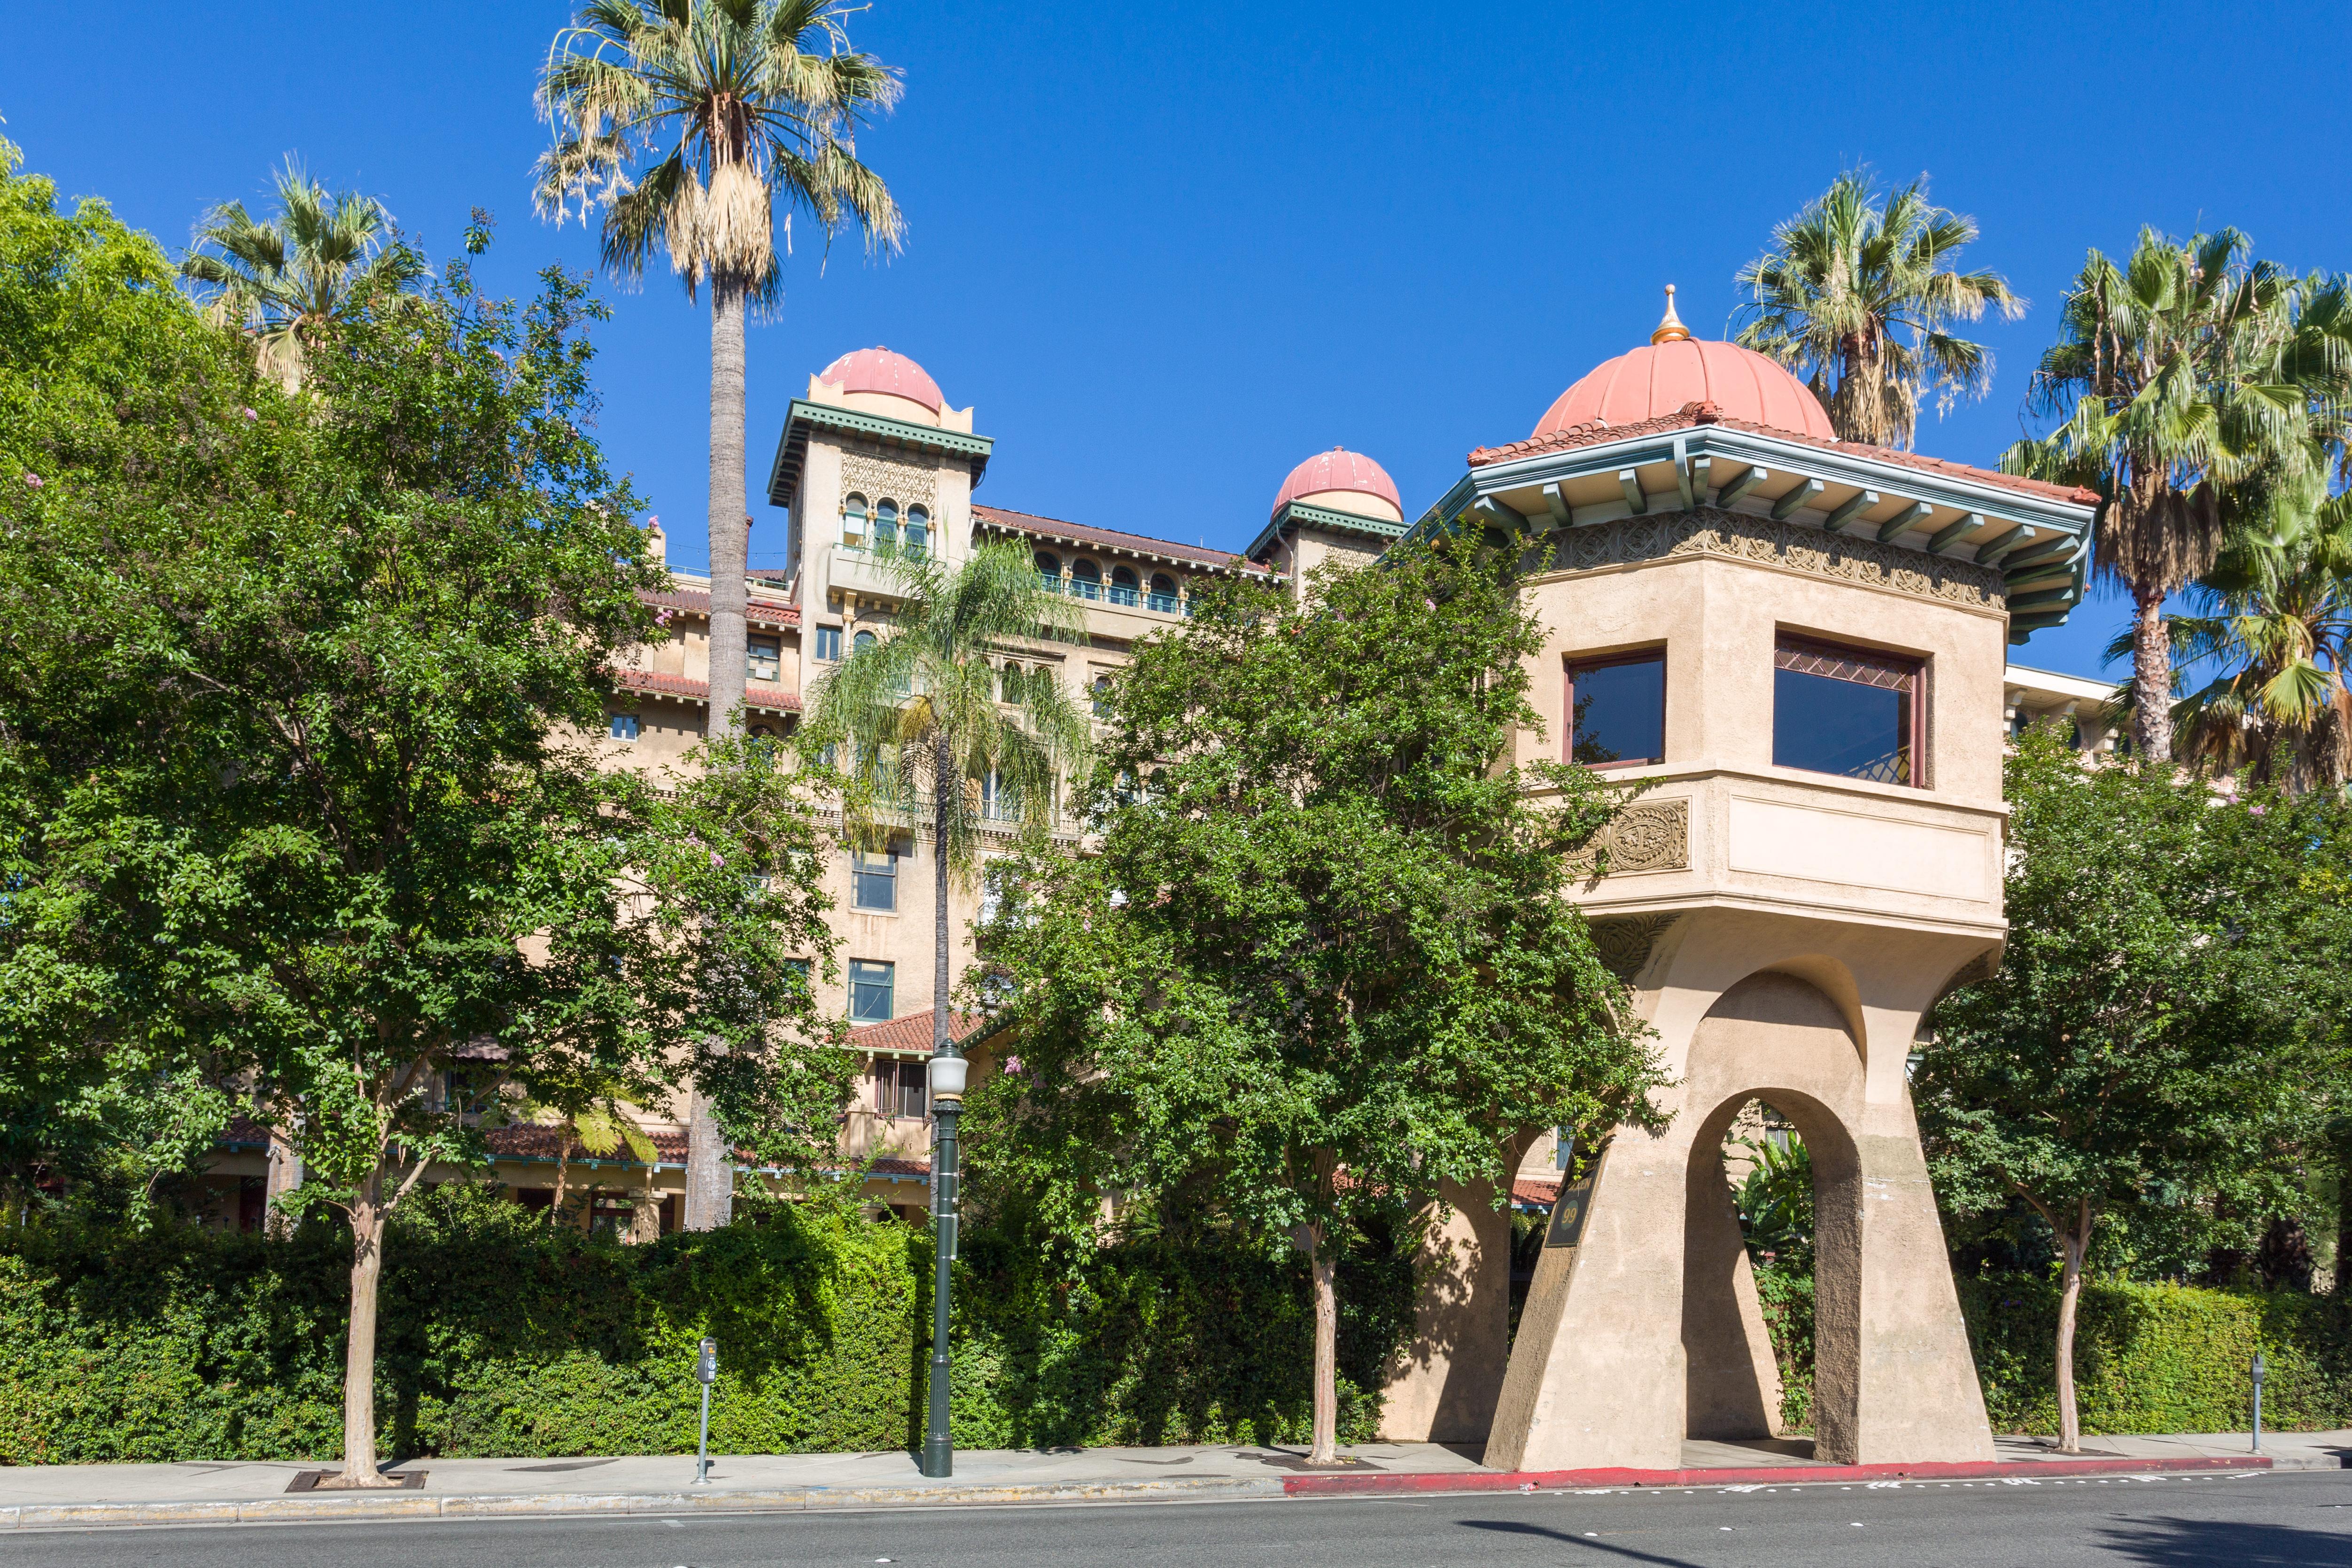 One-bedroom condo in Pasadena's historic Castle Green asking $525K